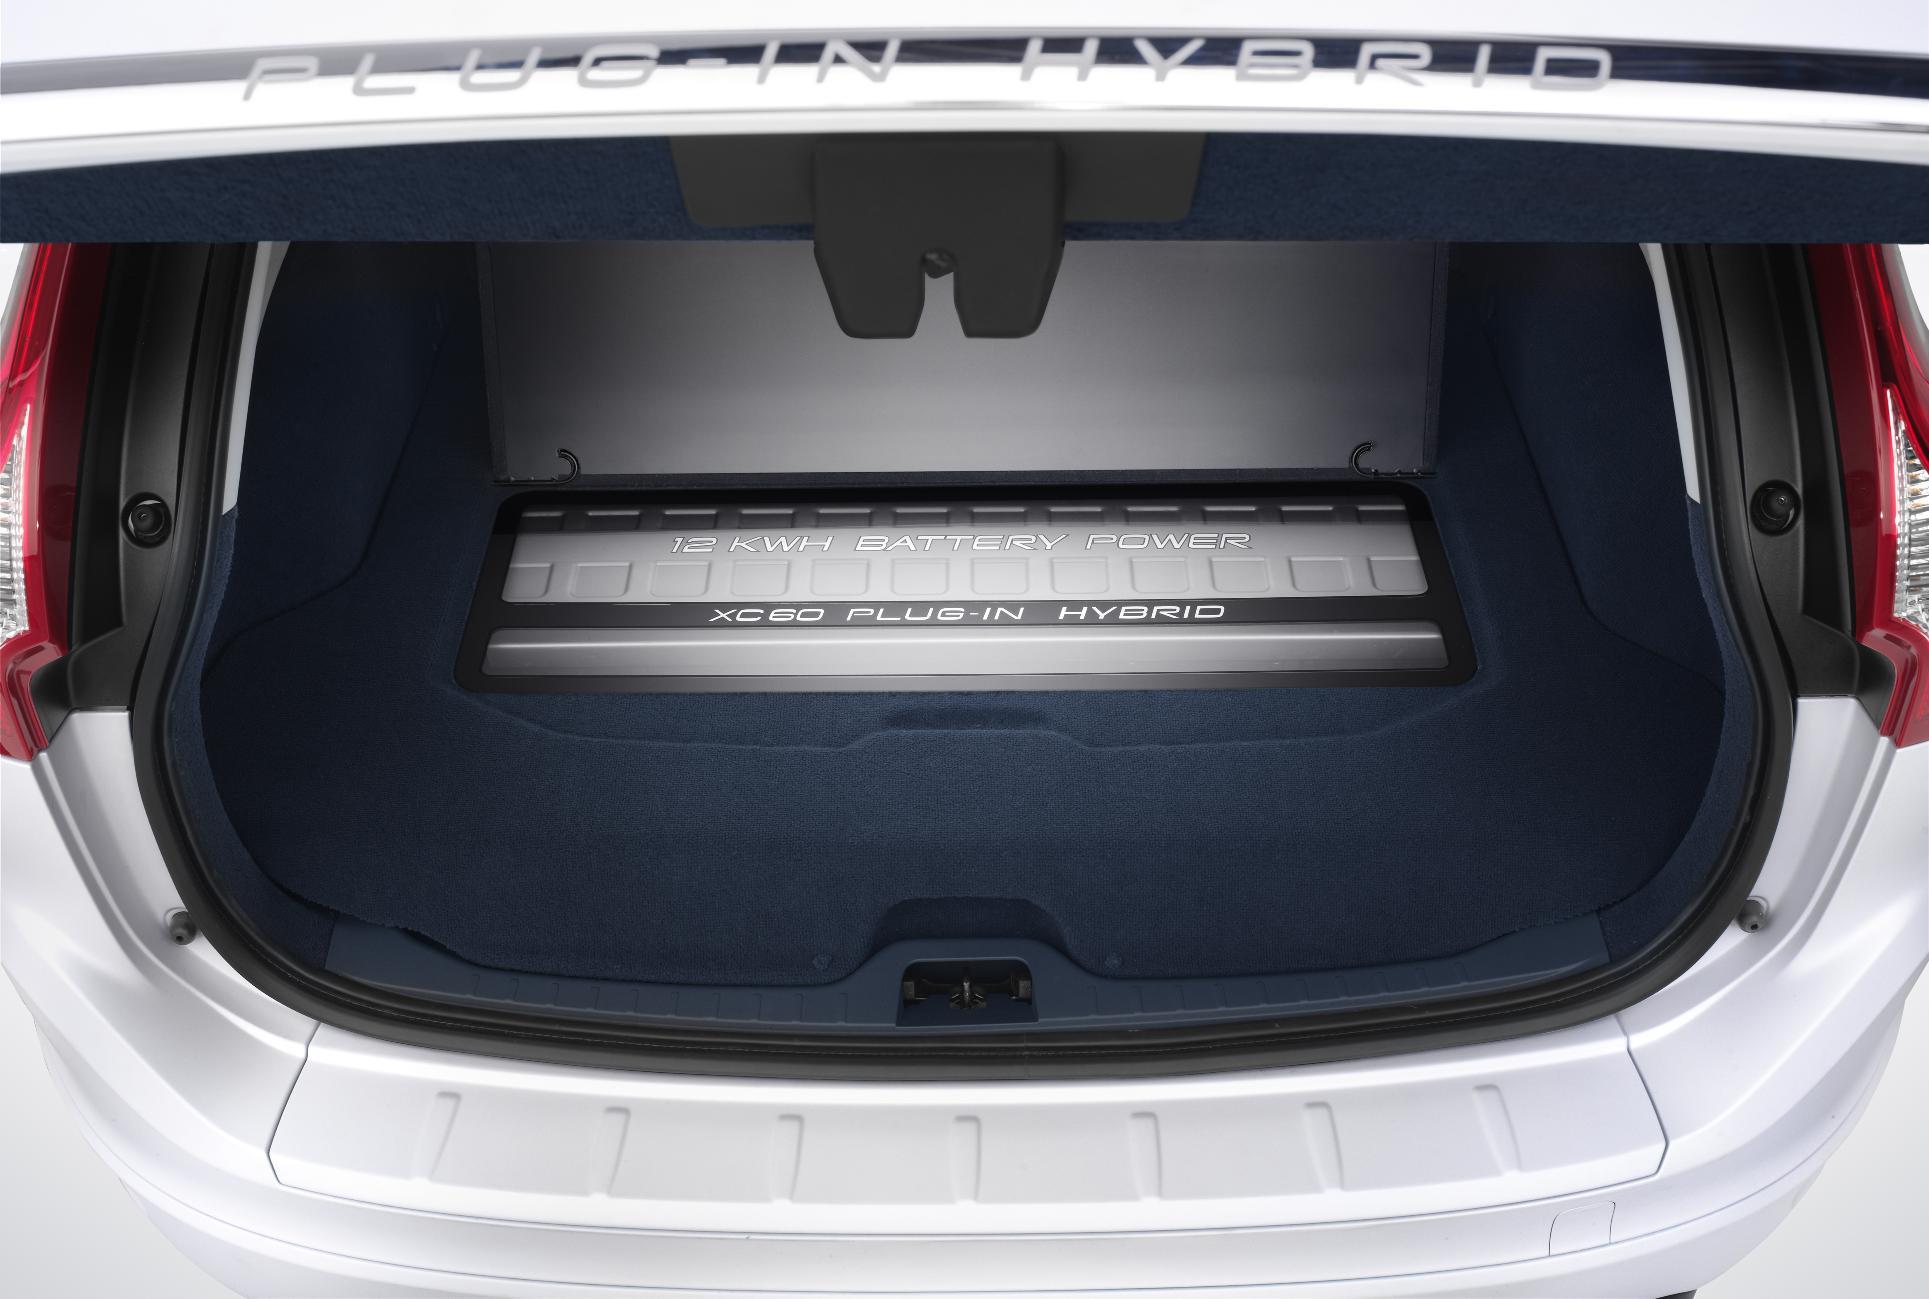 Volvo XC60 Hybrid 7